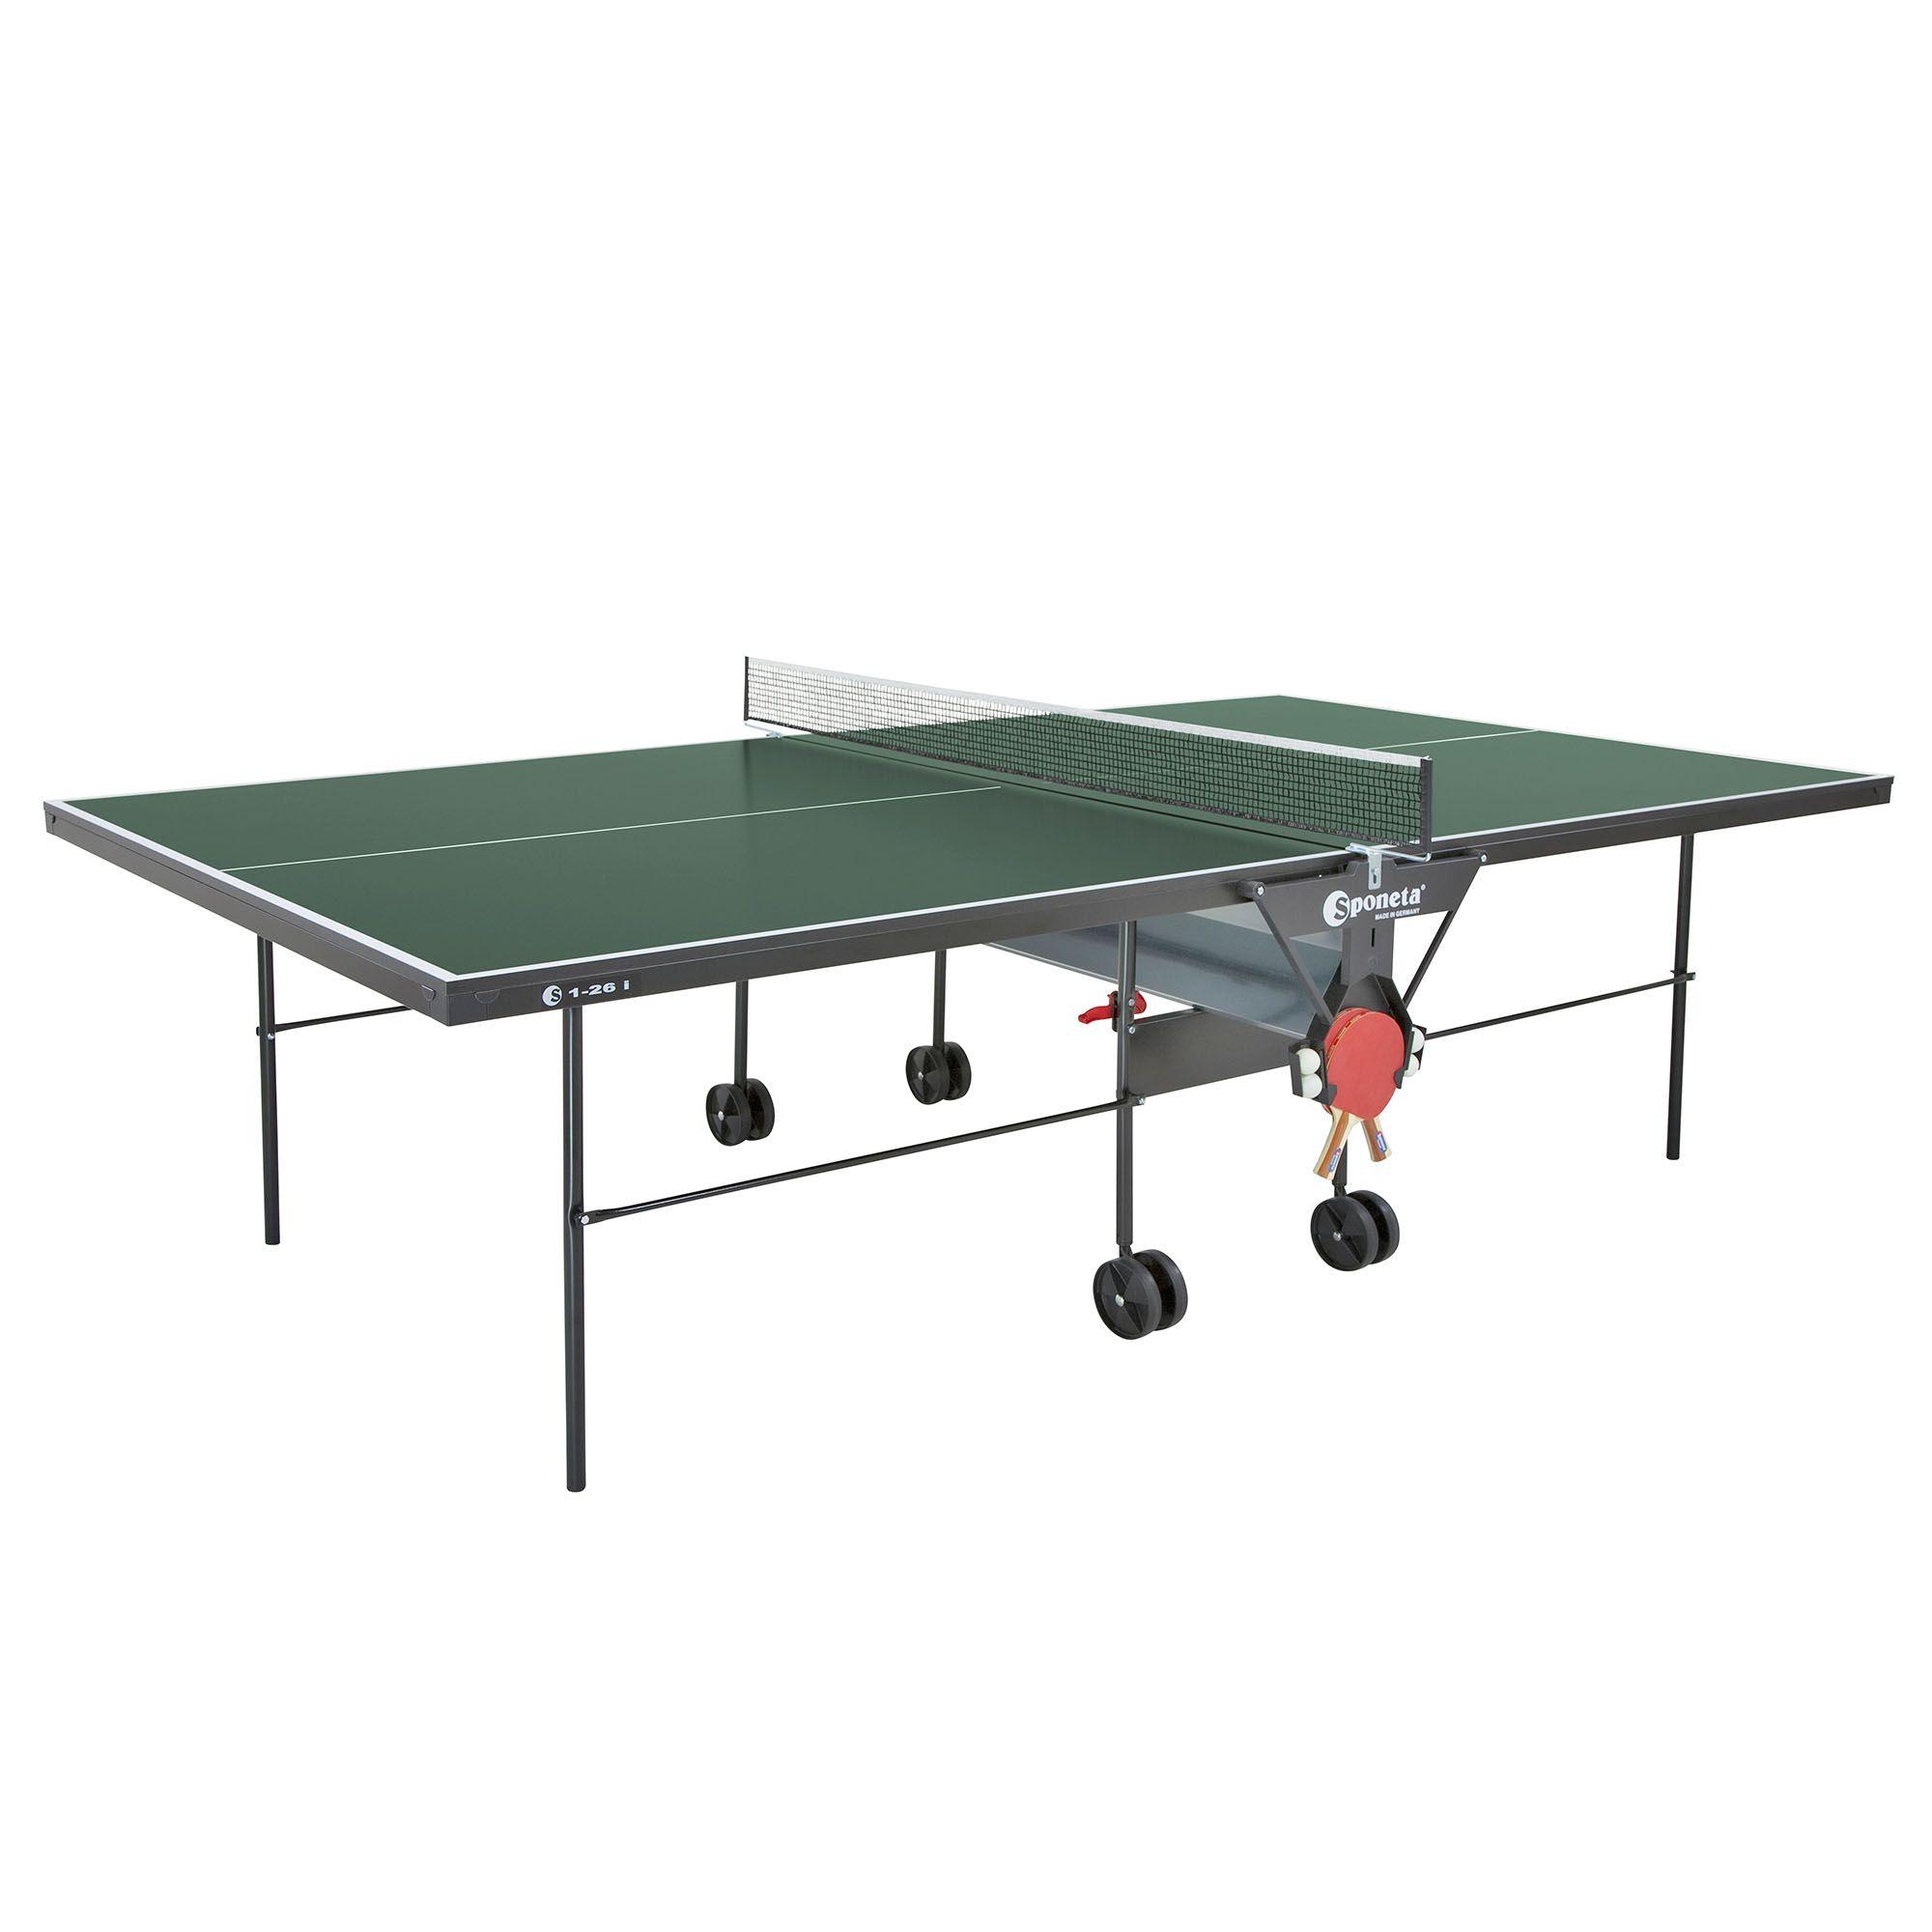 Sponeta hobby club indoor table tennis table - Sponeta table tennis table ...